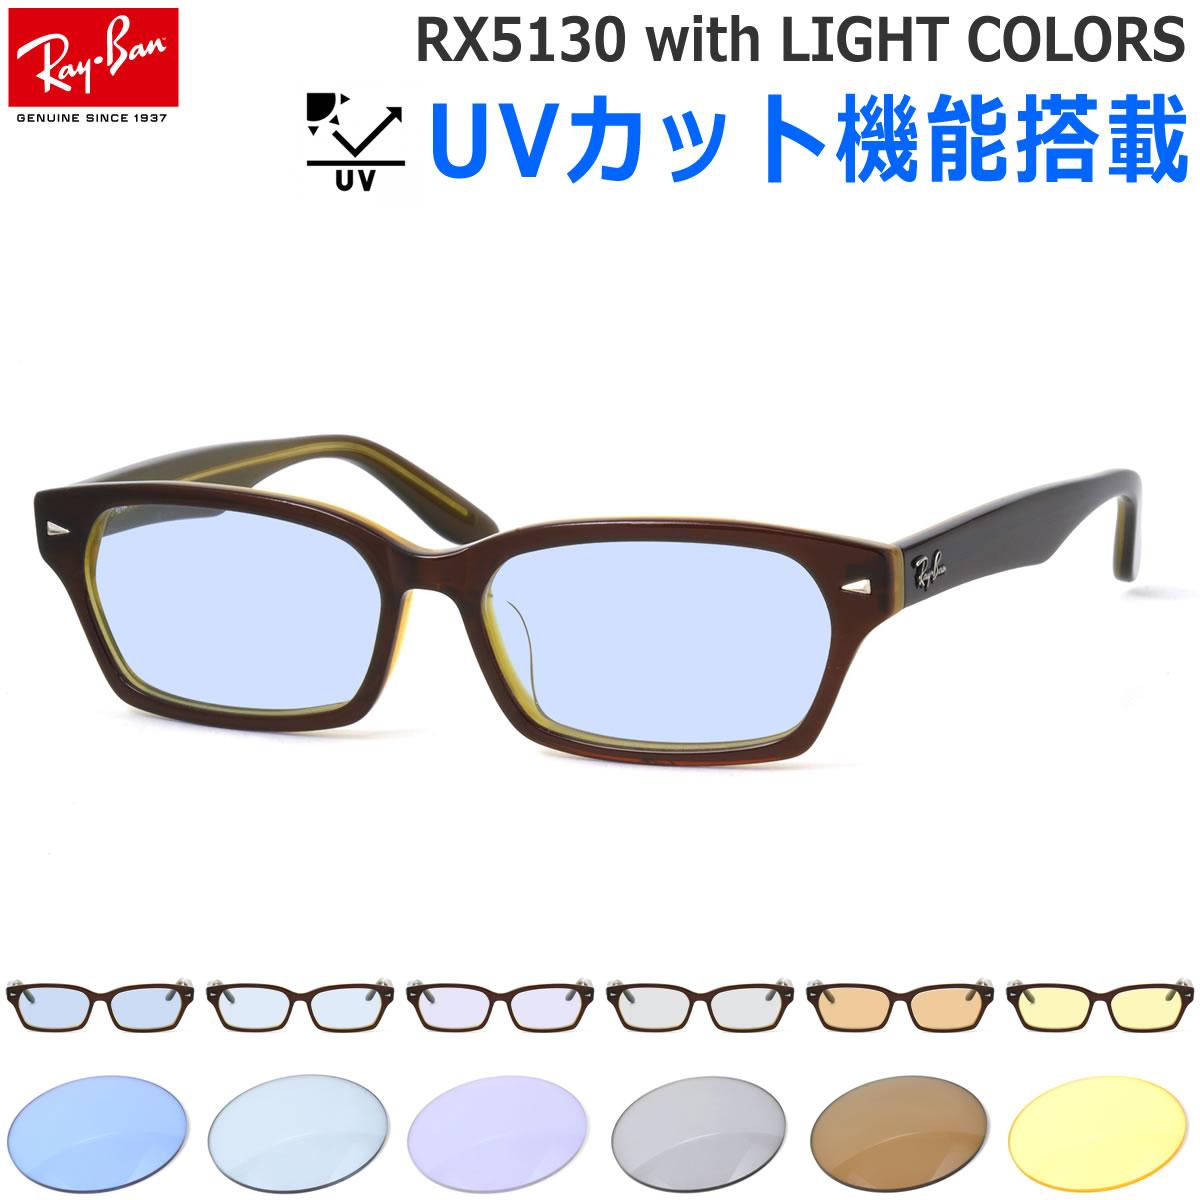 Ray-Ban レイバン UVカット付き ライトカラーサングラス セット RX5130 2312/2313 LIGHT COLORS 55サイズ レイバン サングラスセット 生産終了 廃番 レア 希少 伊達メガネ ブルーレンズ 紫外線カット RayBan メンズ レディース [OS]